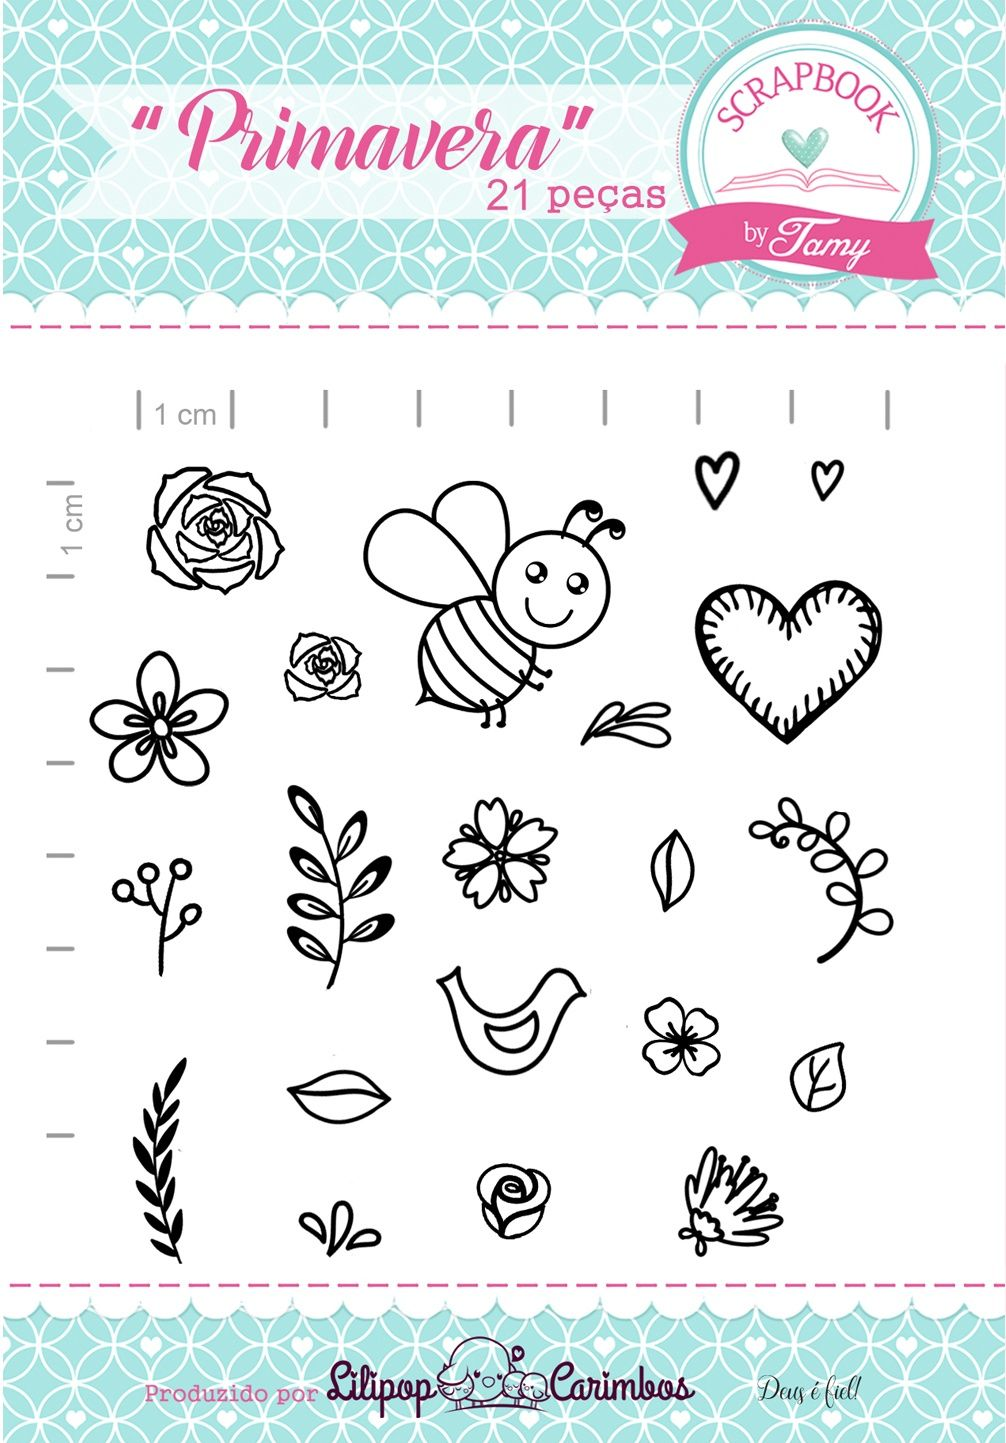 Kit de Carimbos - Primavera - Scrapbook by Tamy